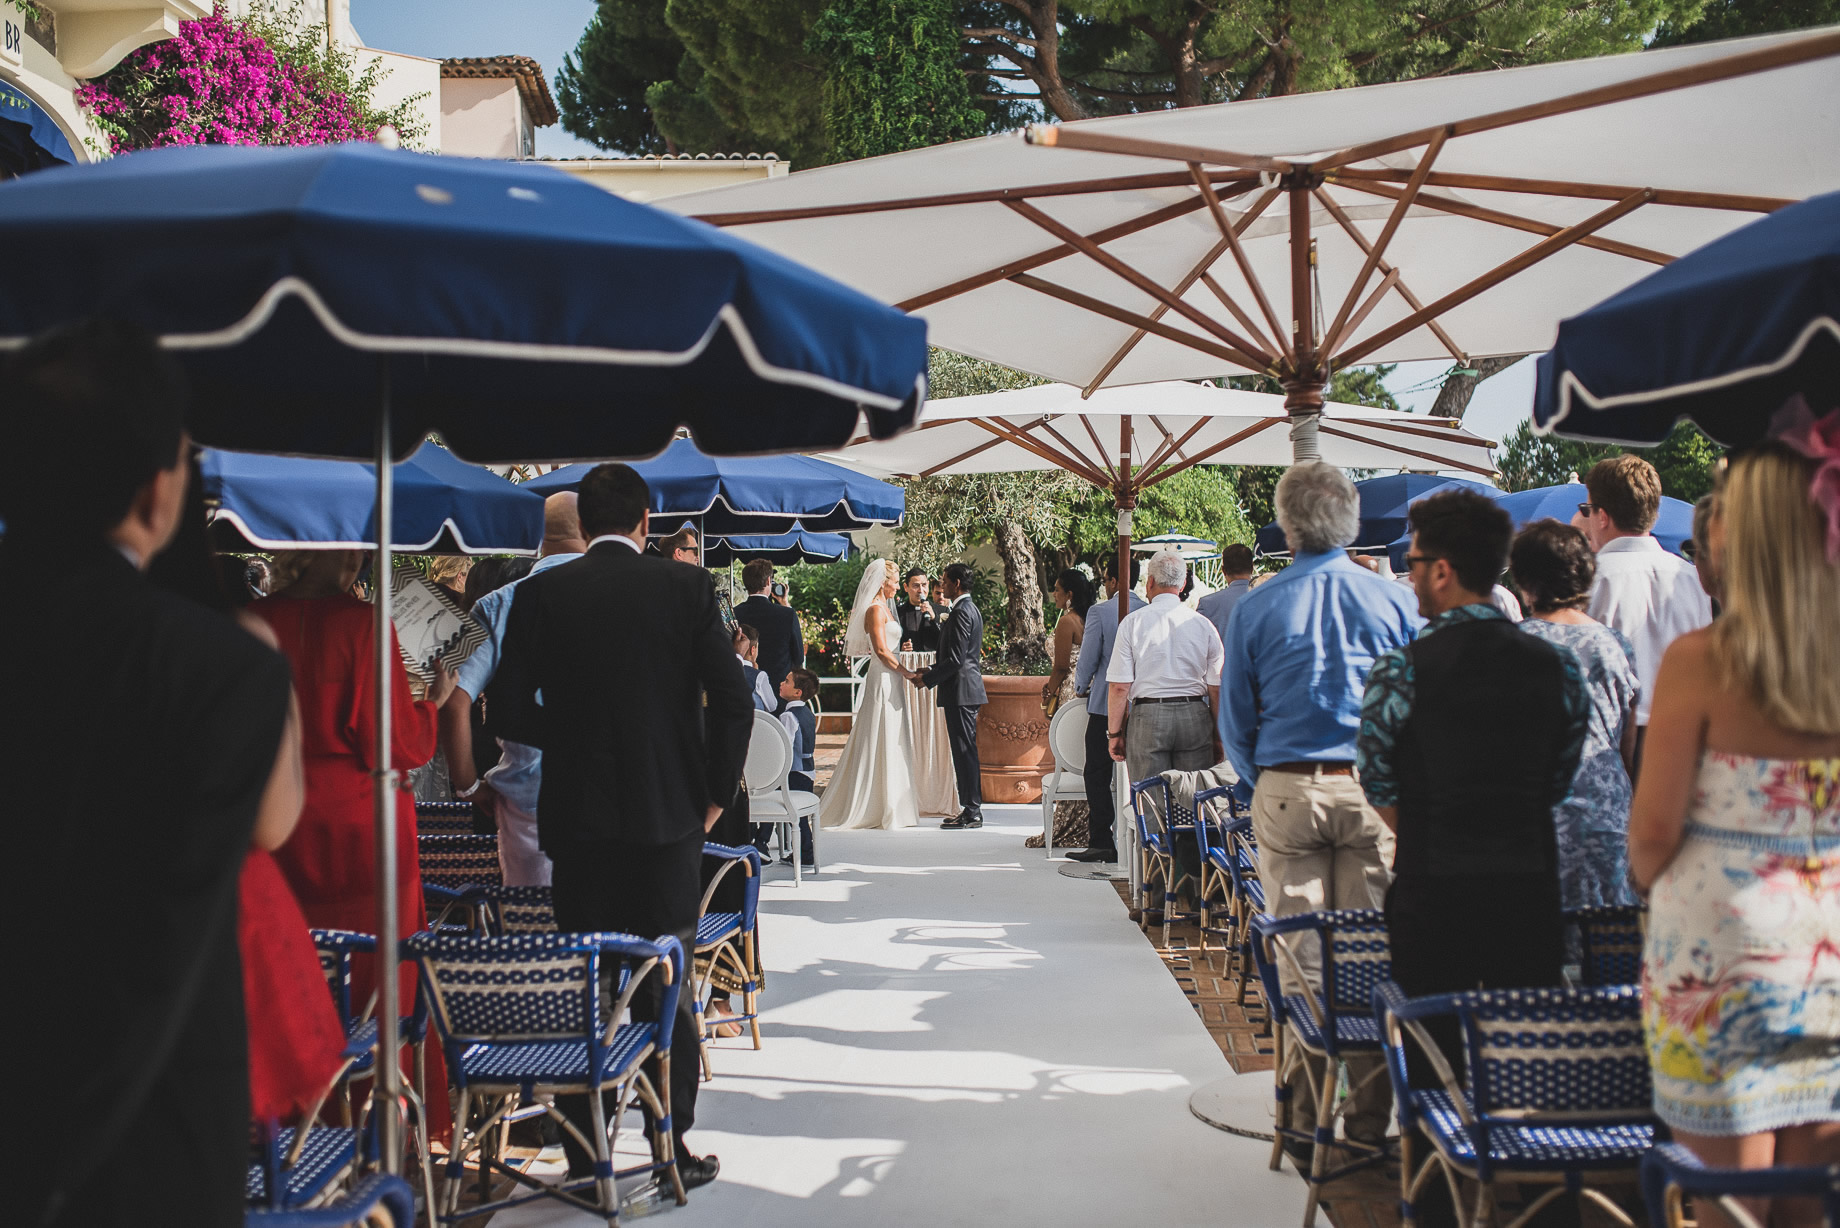 Jen and Priyan's Wedding at Hotel Belles Rives 099